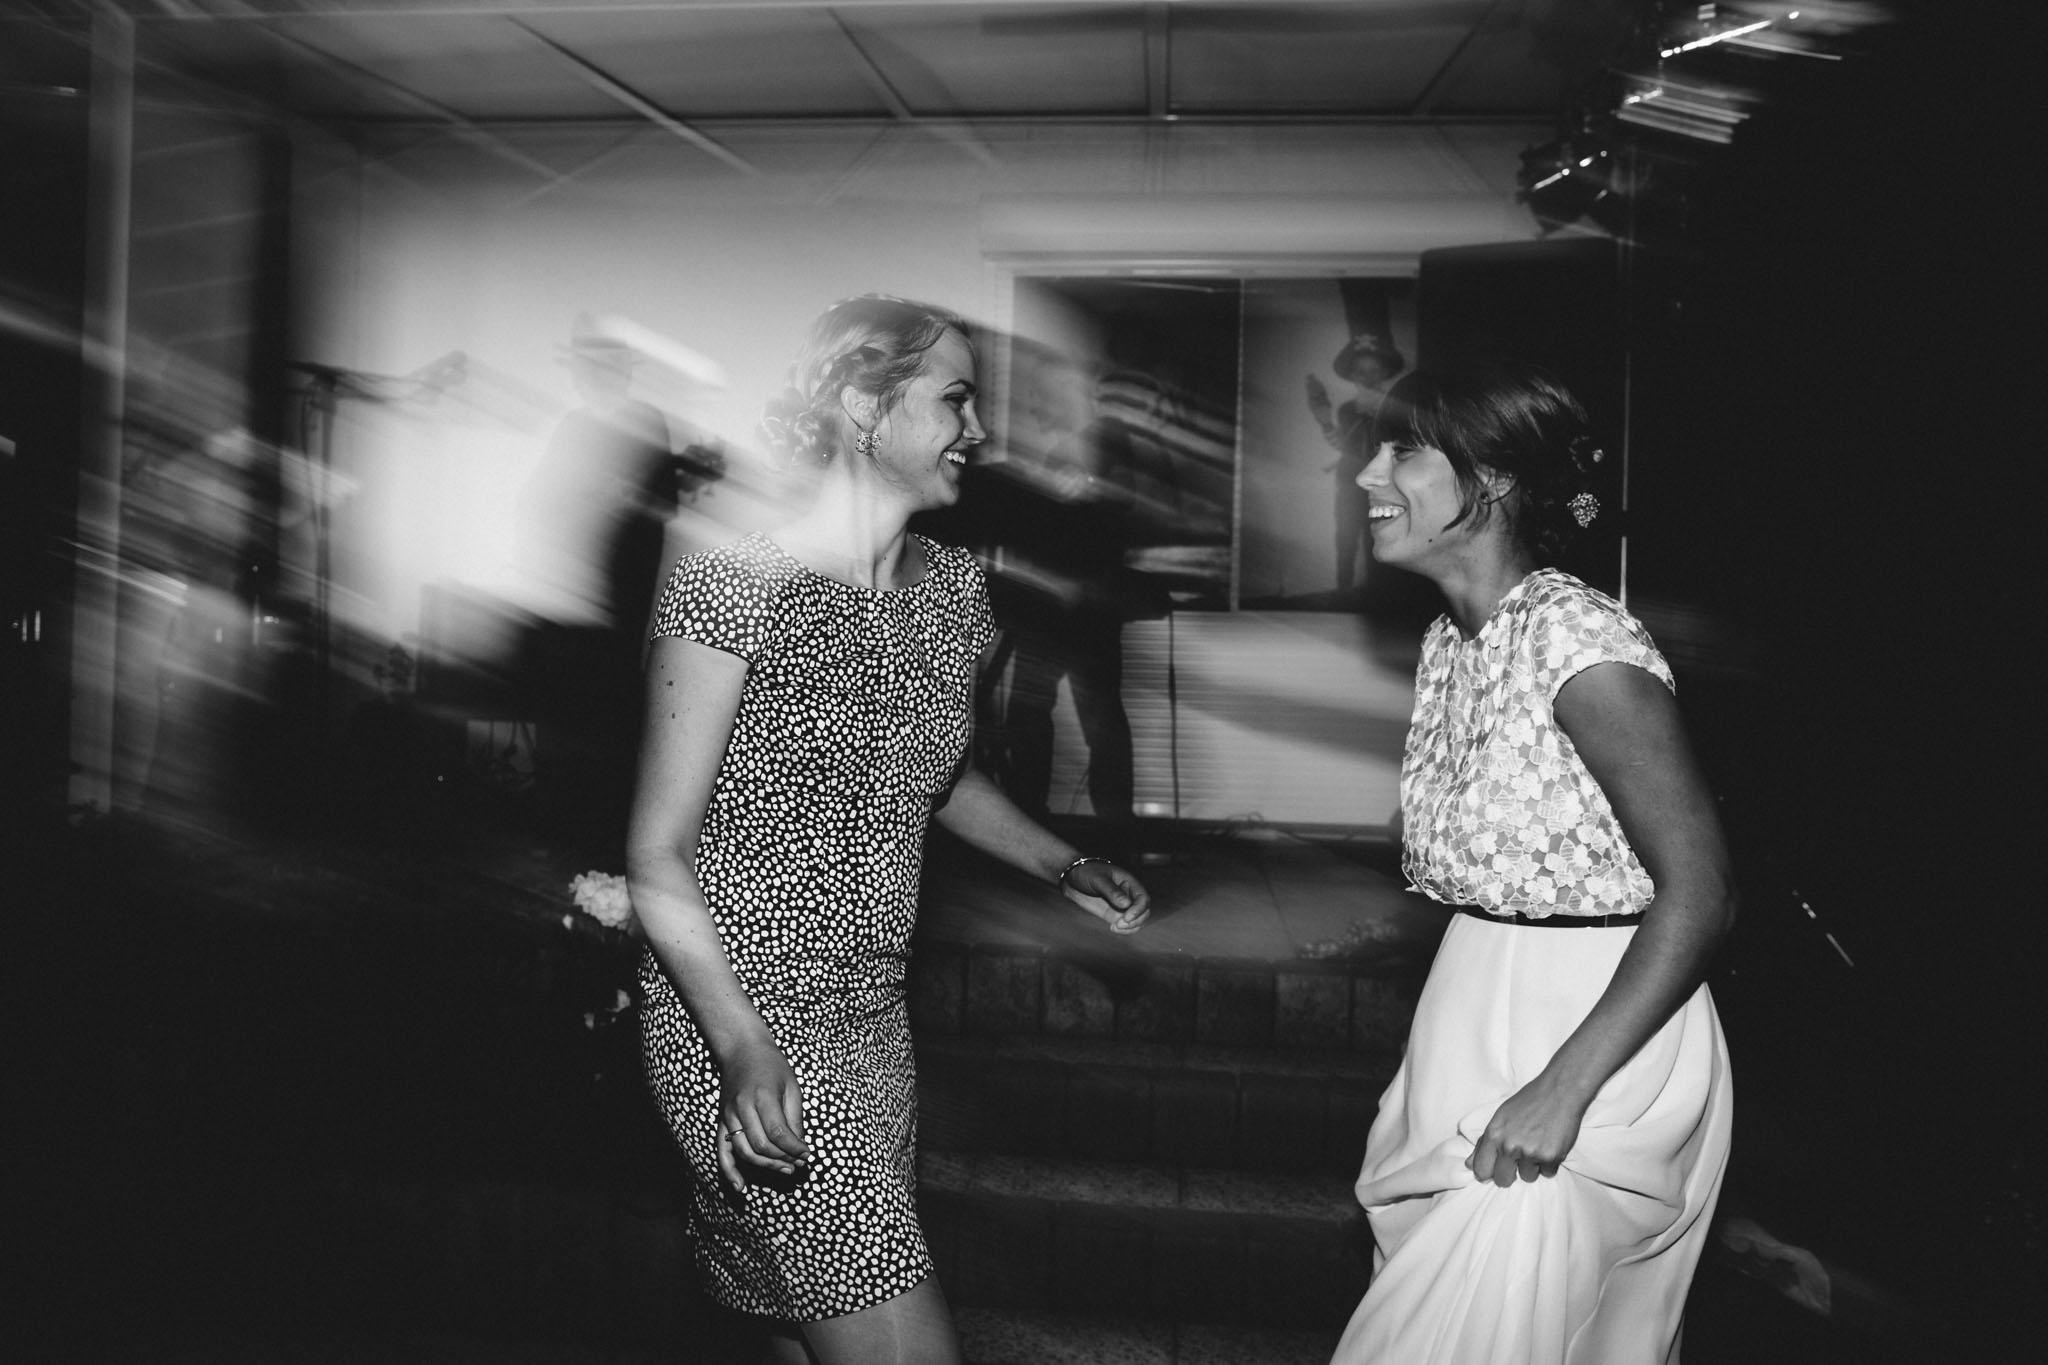 hochzeit-party-tanz-berlin-fotograf